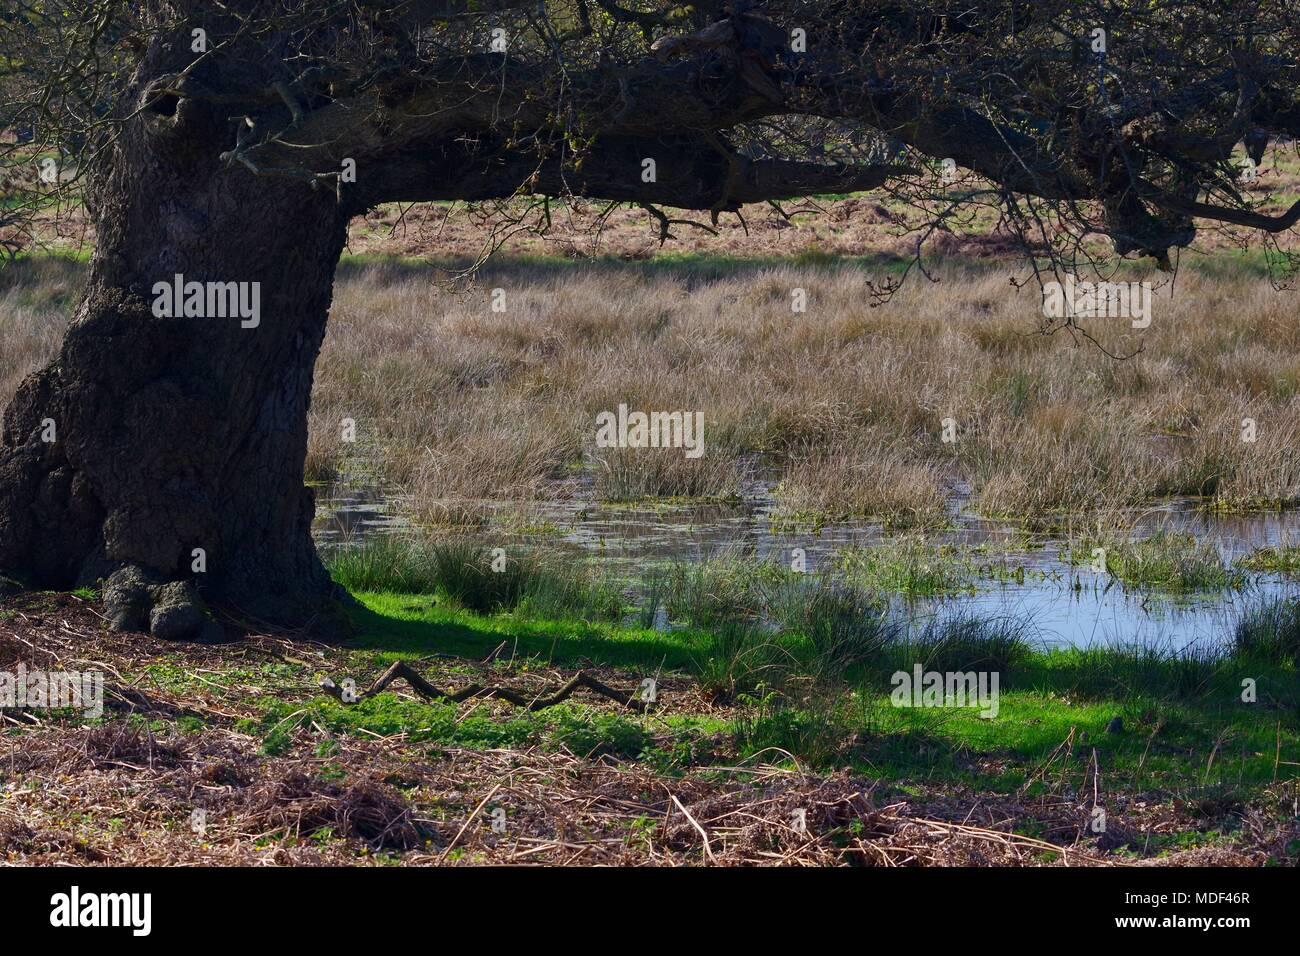 Mature English Oak Tree by a Wild Pond in Devon Farmland